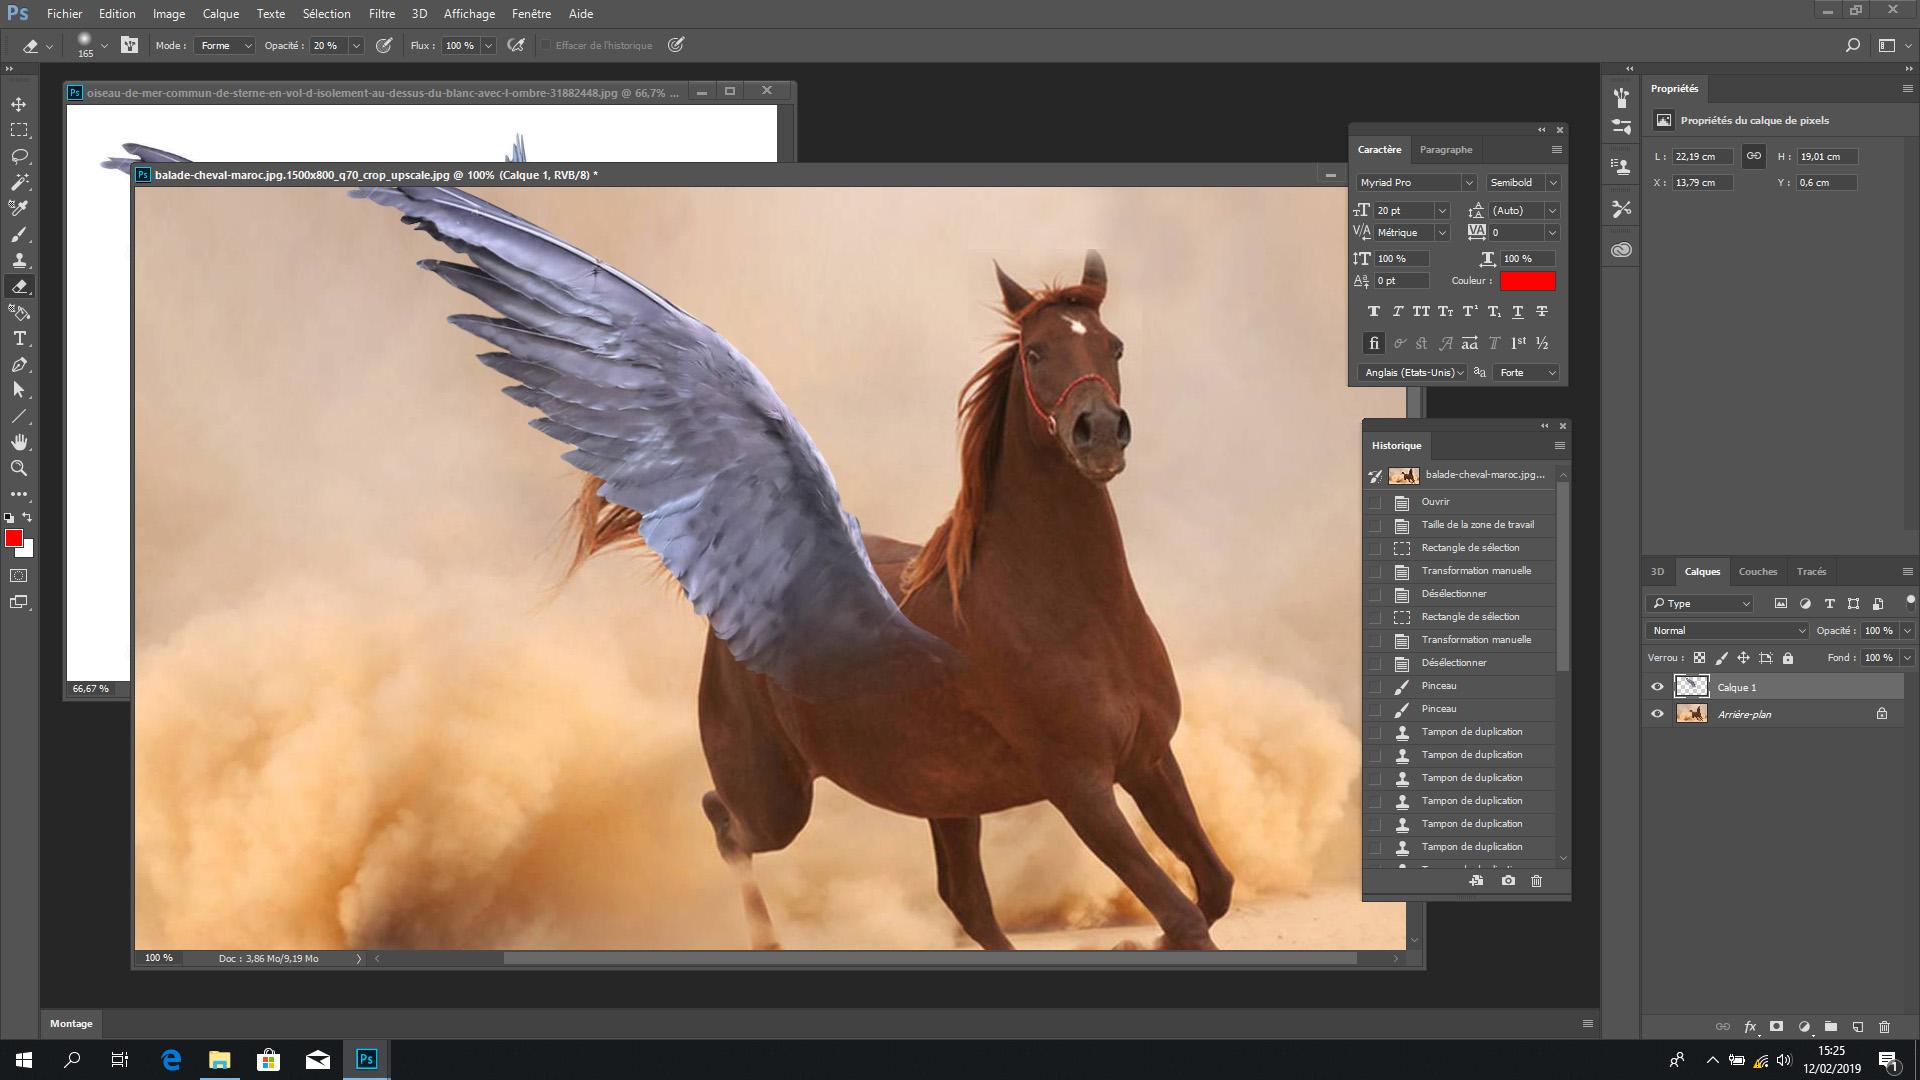 Vymezení již není patrné mezi křídlem a bokem koně. Žvýkačka má malý účinek!